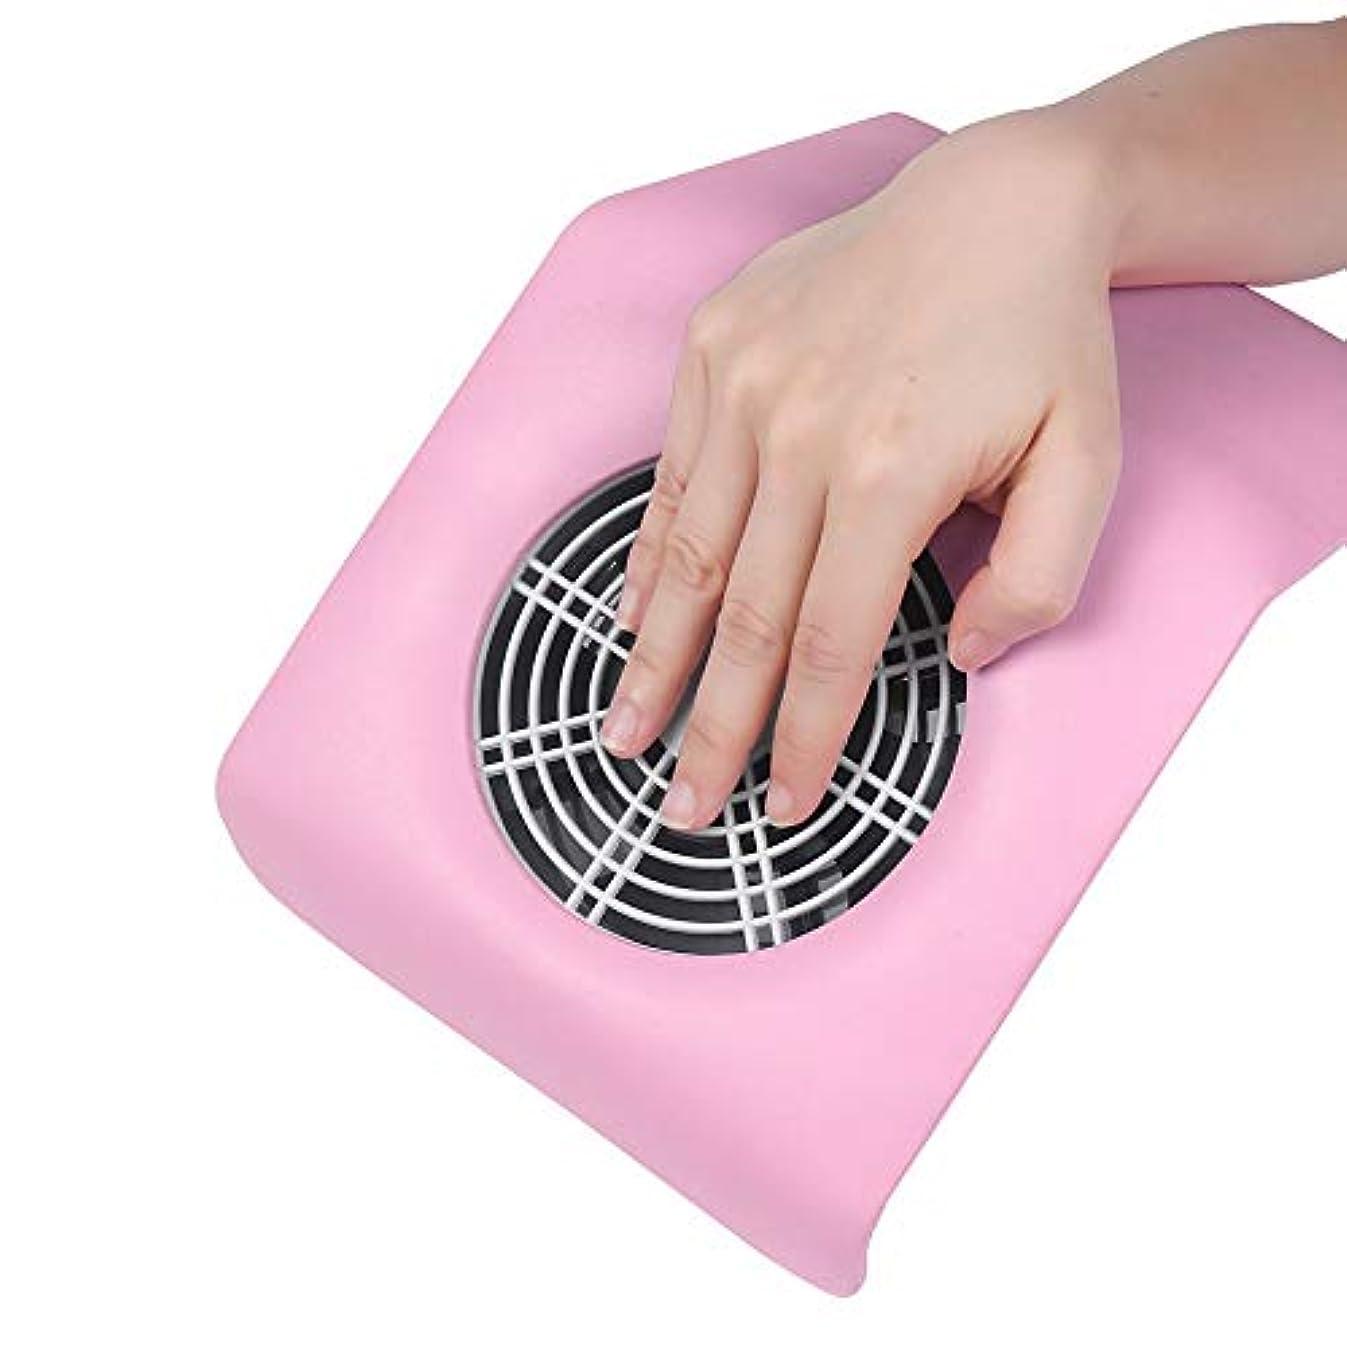 検証プール力強いネイルケア 美容サロン 集塵機 ネイル ダスト コレクター コンパクト ジェルネイル ネイルマシーン (ピンク)